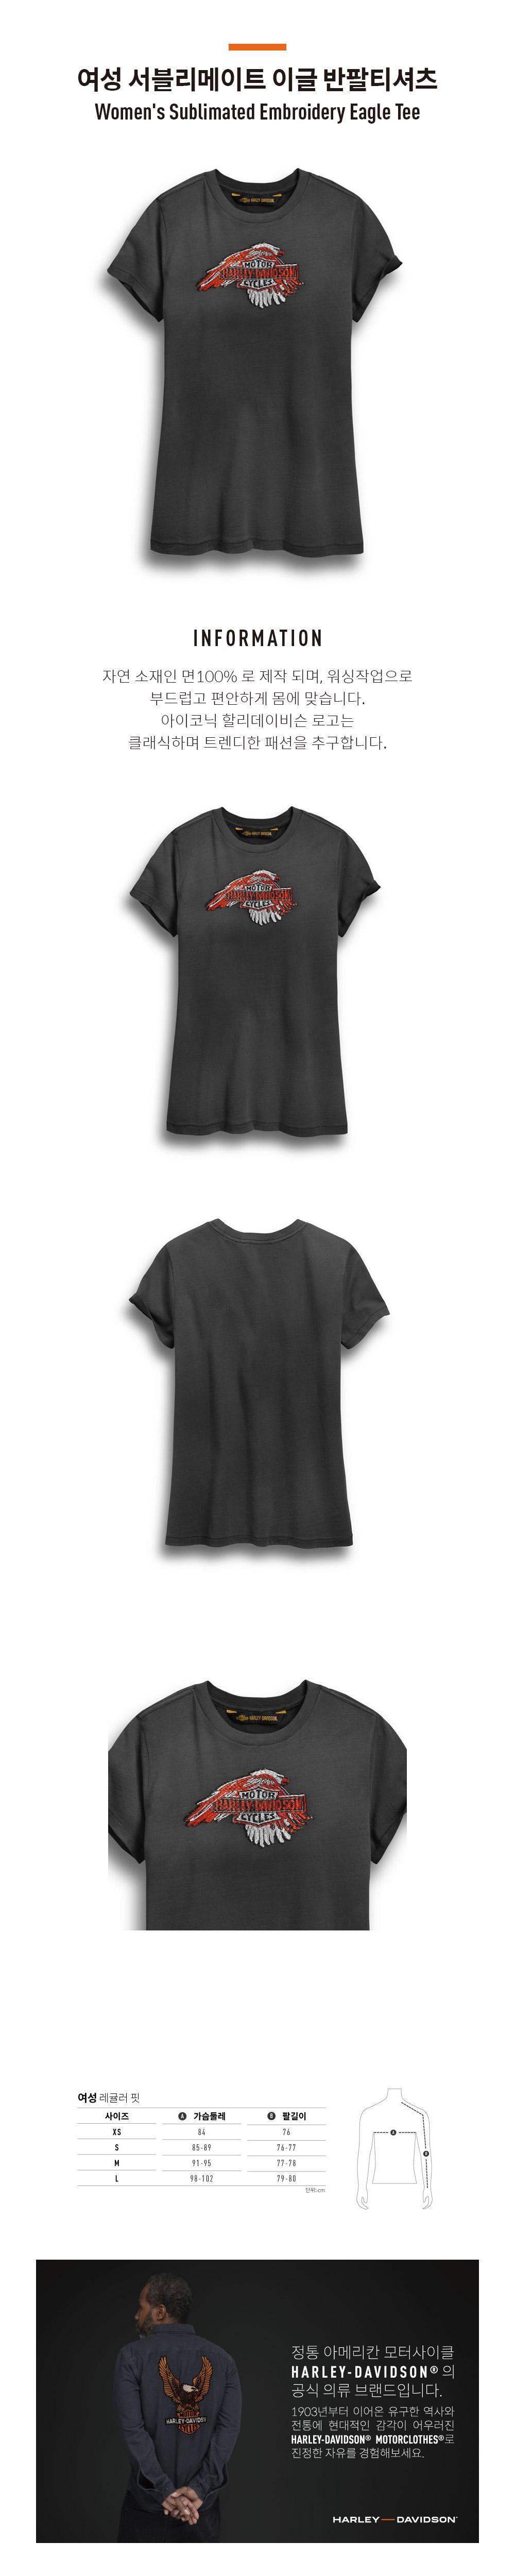 여성 서블리메이트 이글 반팔티셔츠